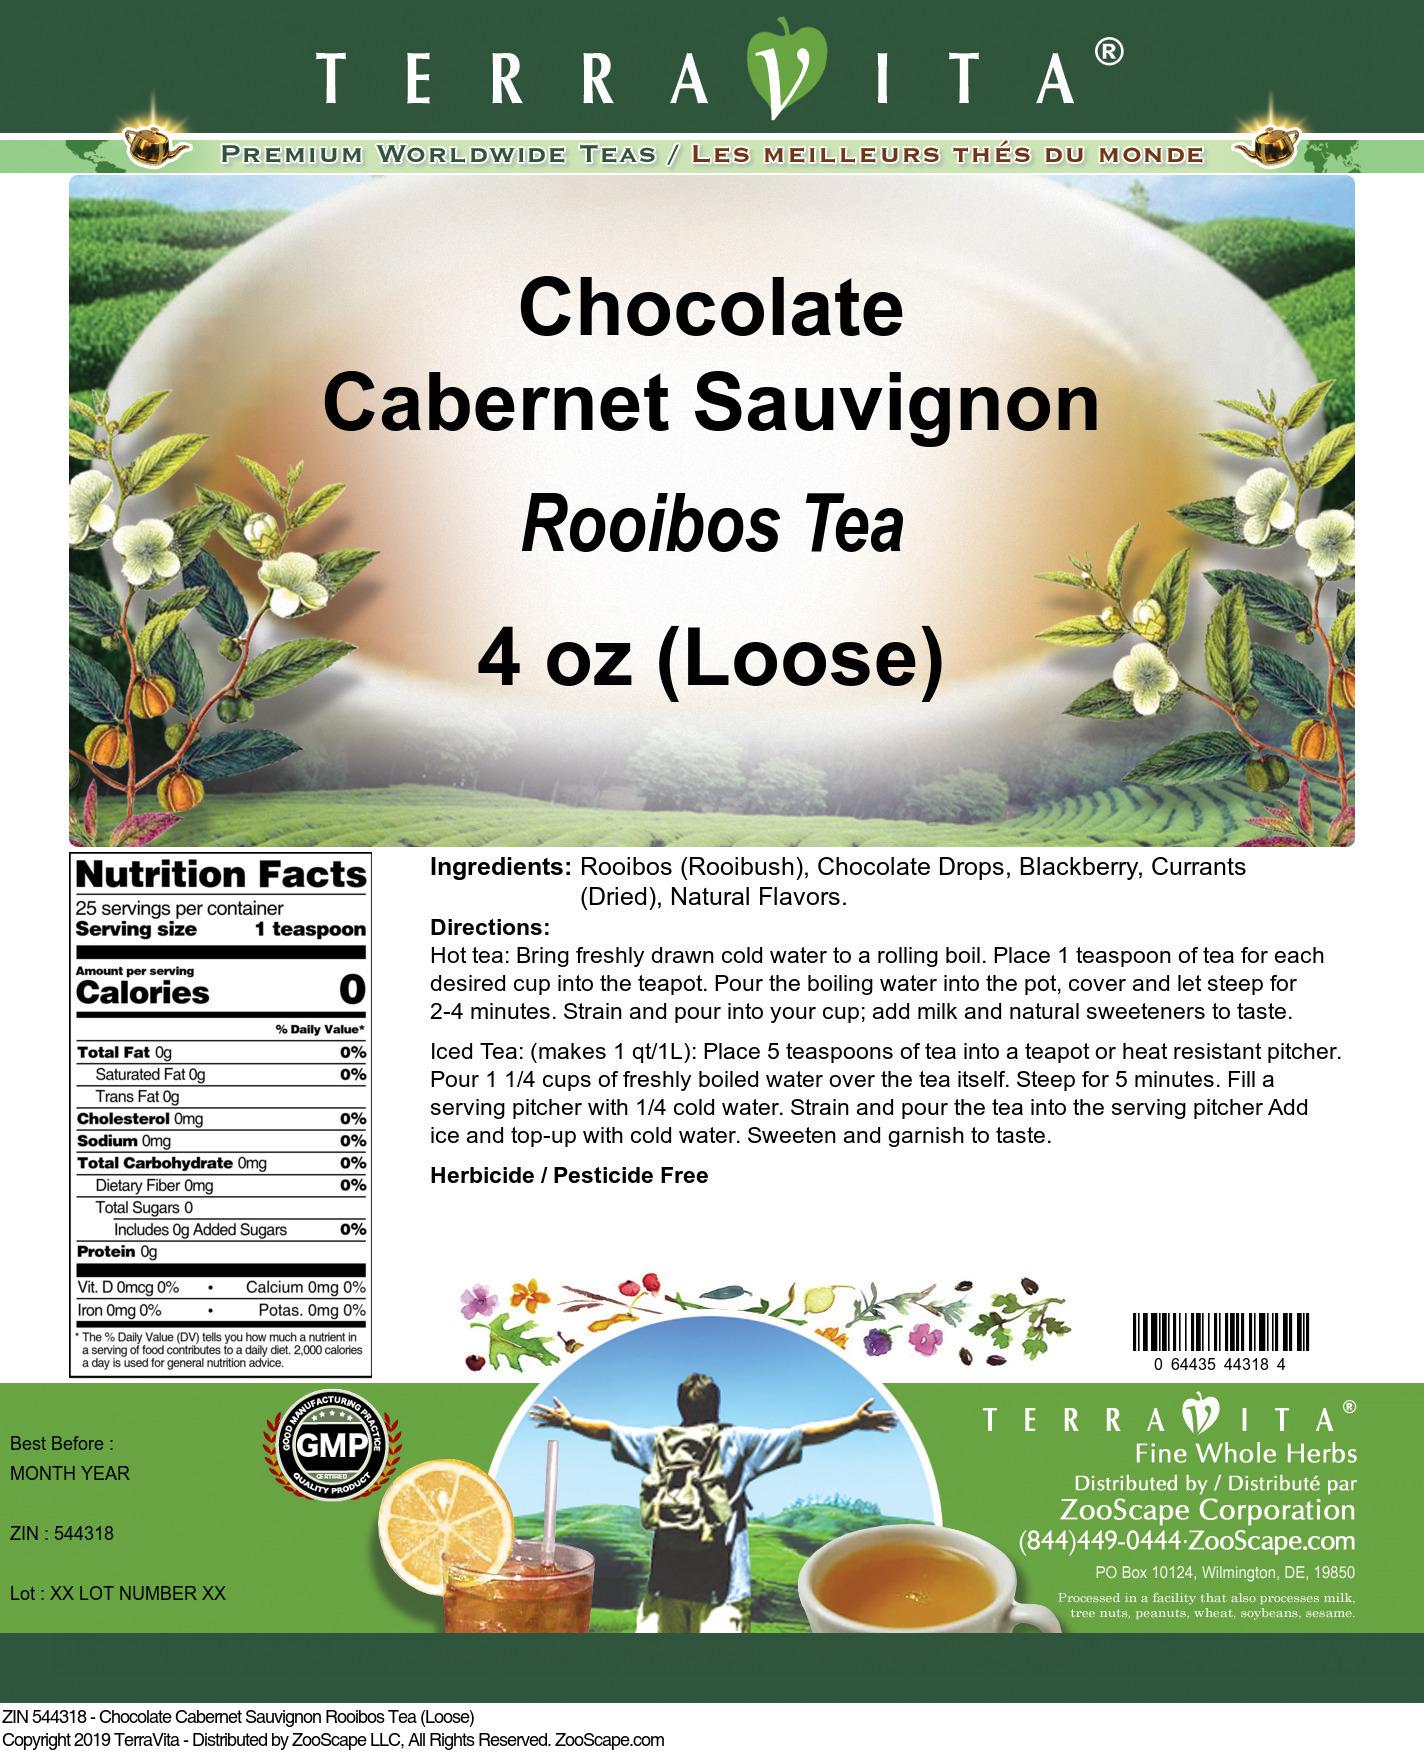 Chocolate Cabernet Sauvignon Rooibos Tea